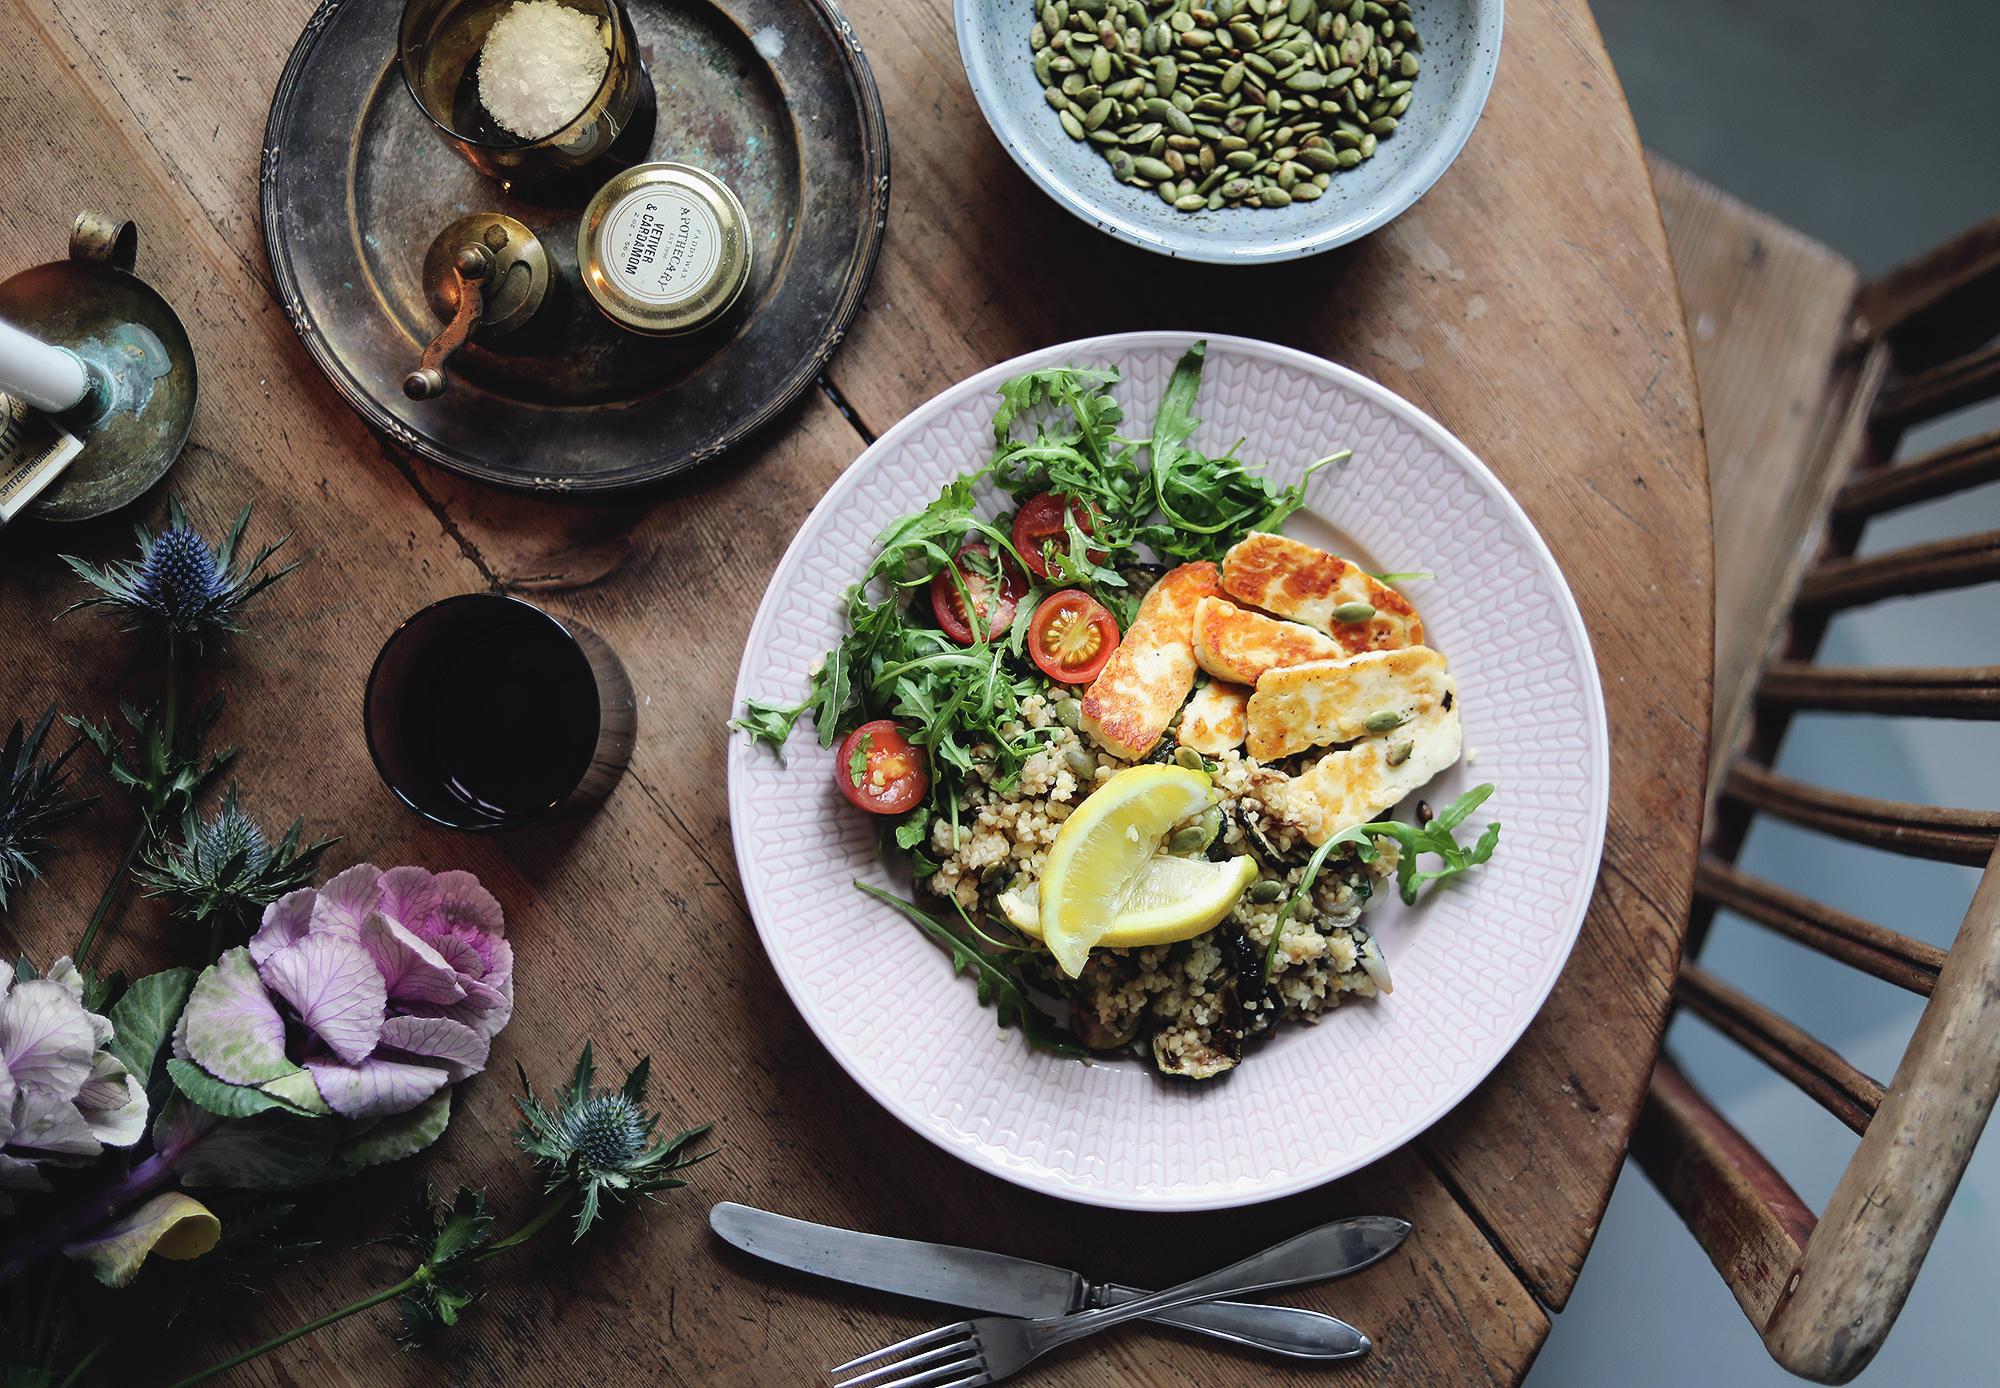 linas matkasse vegetarisk recept